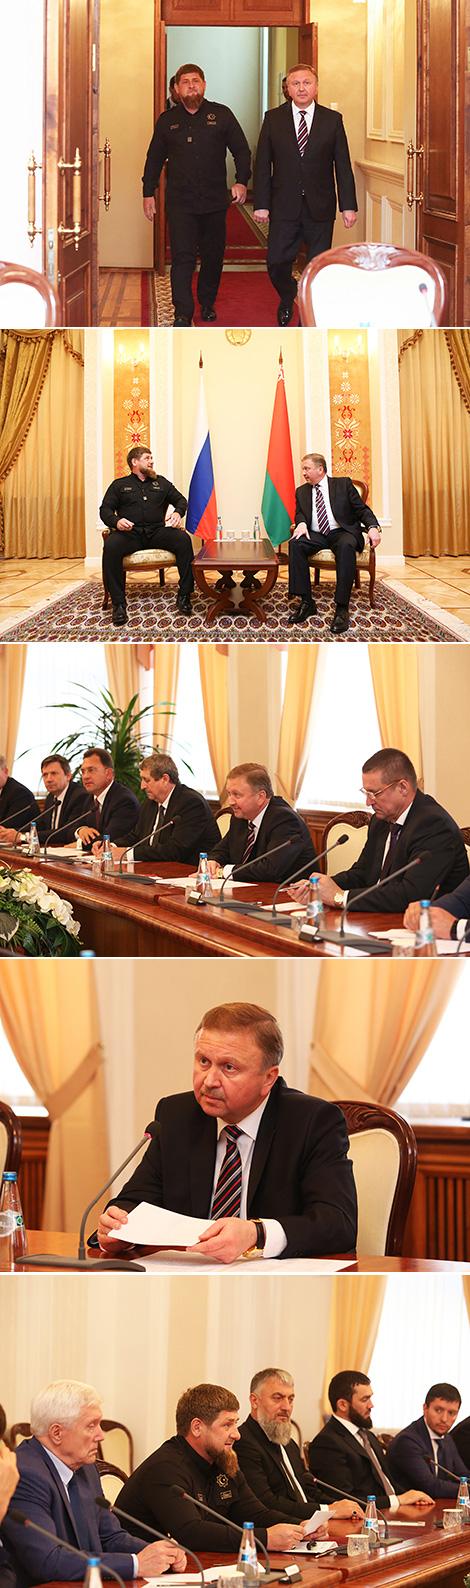 Кабякоў: Беларусь і Чачня маюць сур'ёзны патэнцыял для развіцця гандлёвага супрацоўніцтва